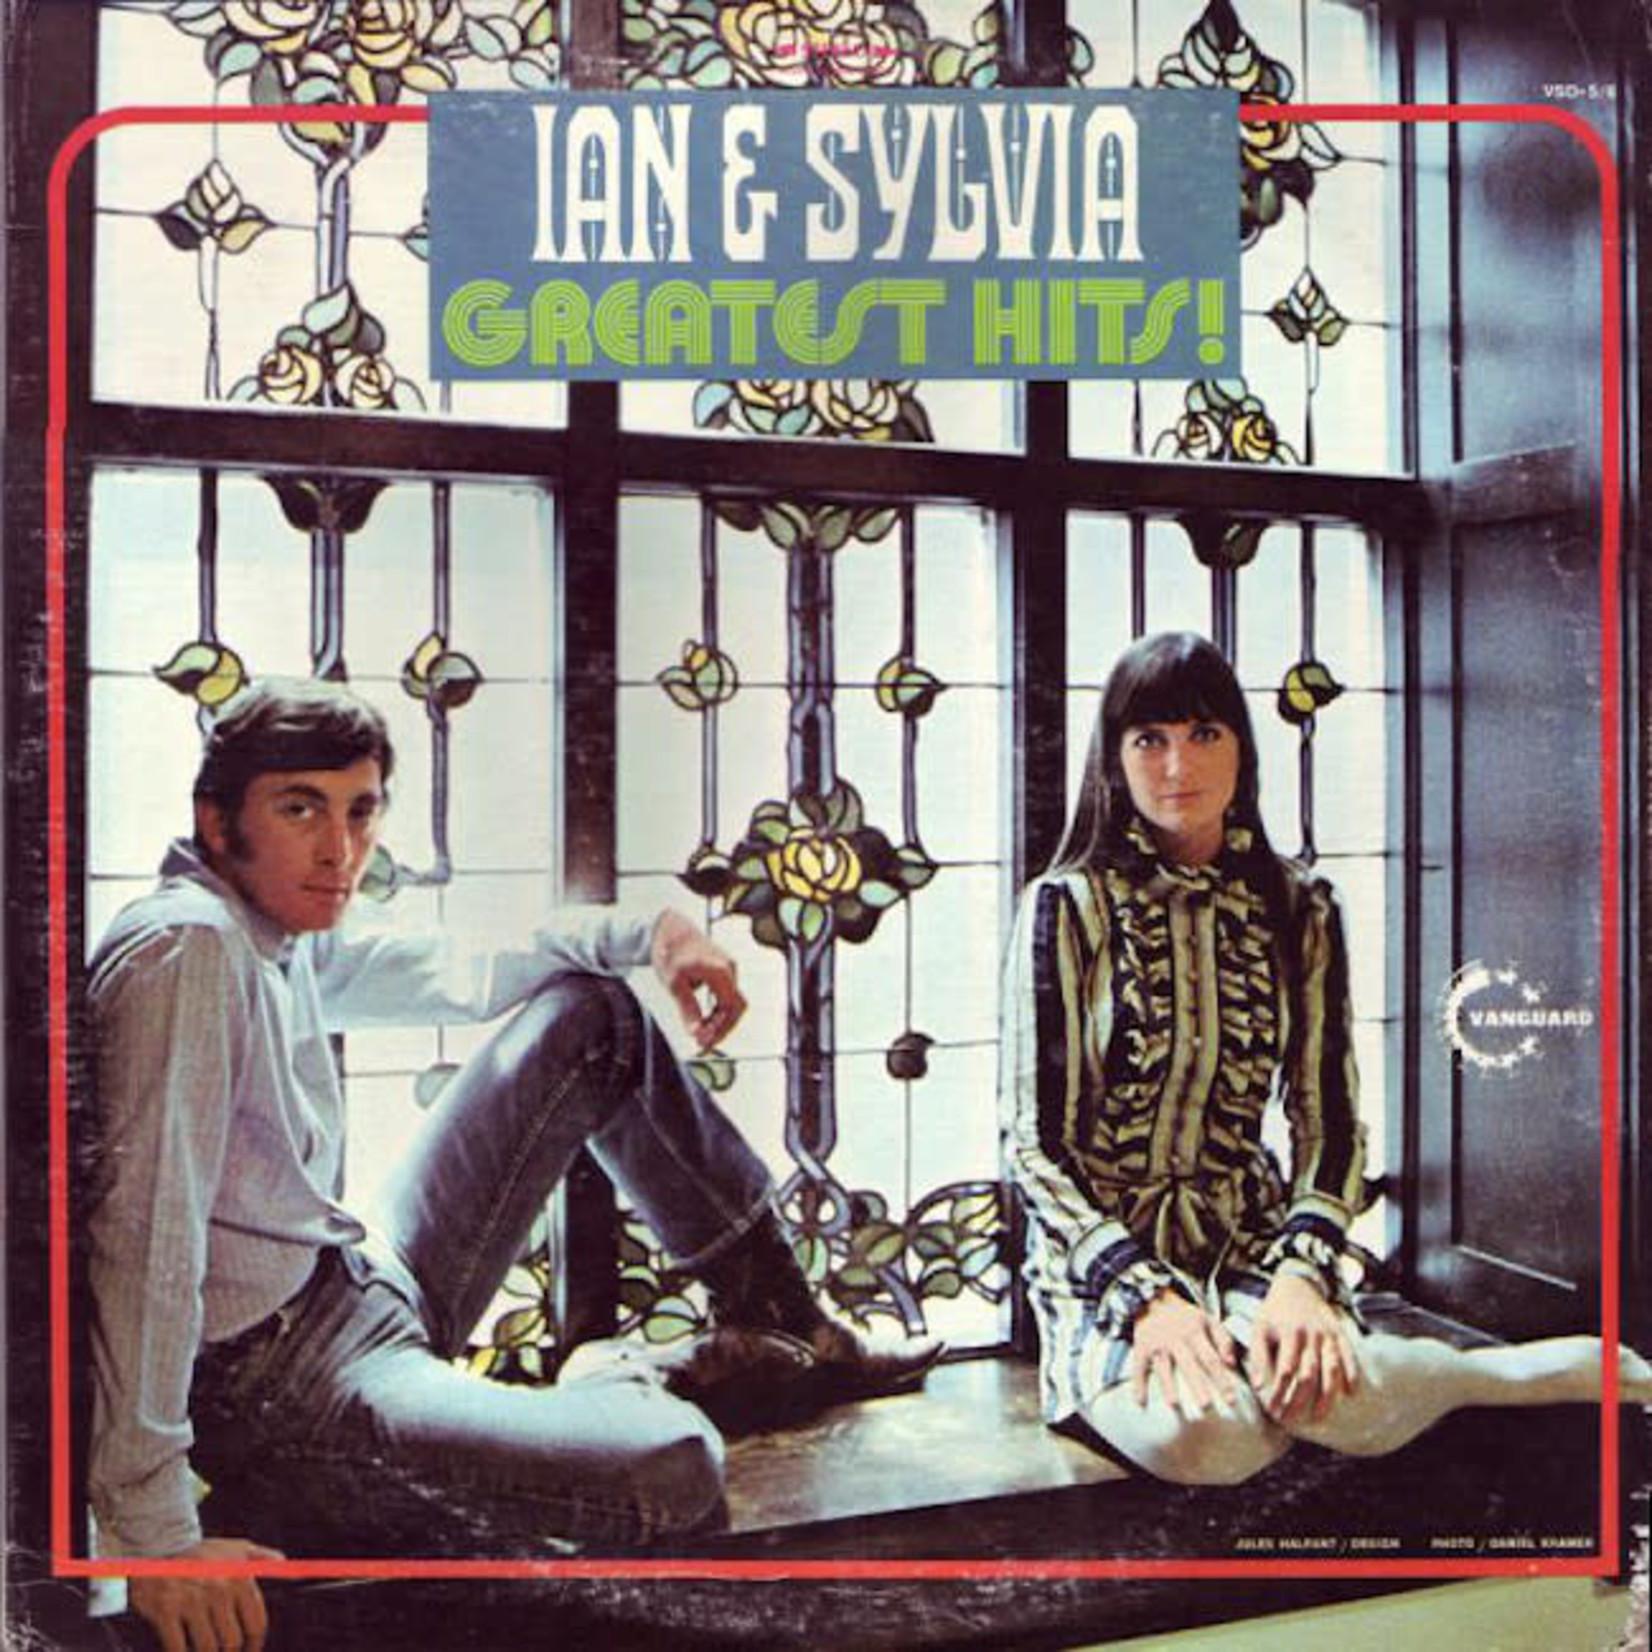 [Vintage] Ian & Sylvia: Greatest Hits (2LP)